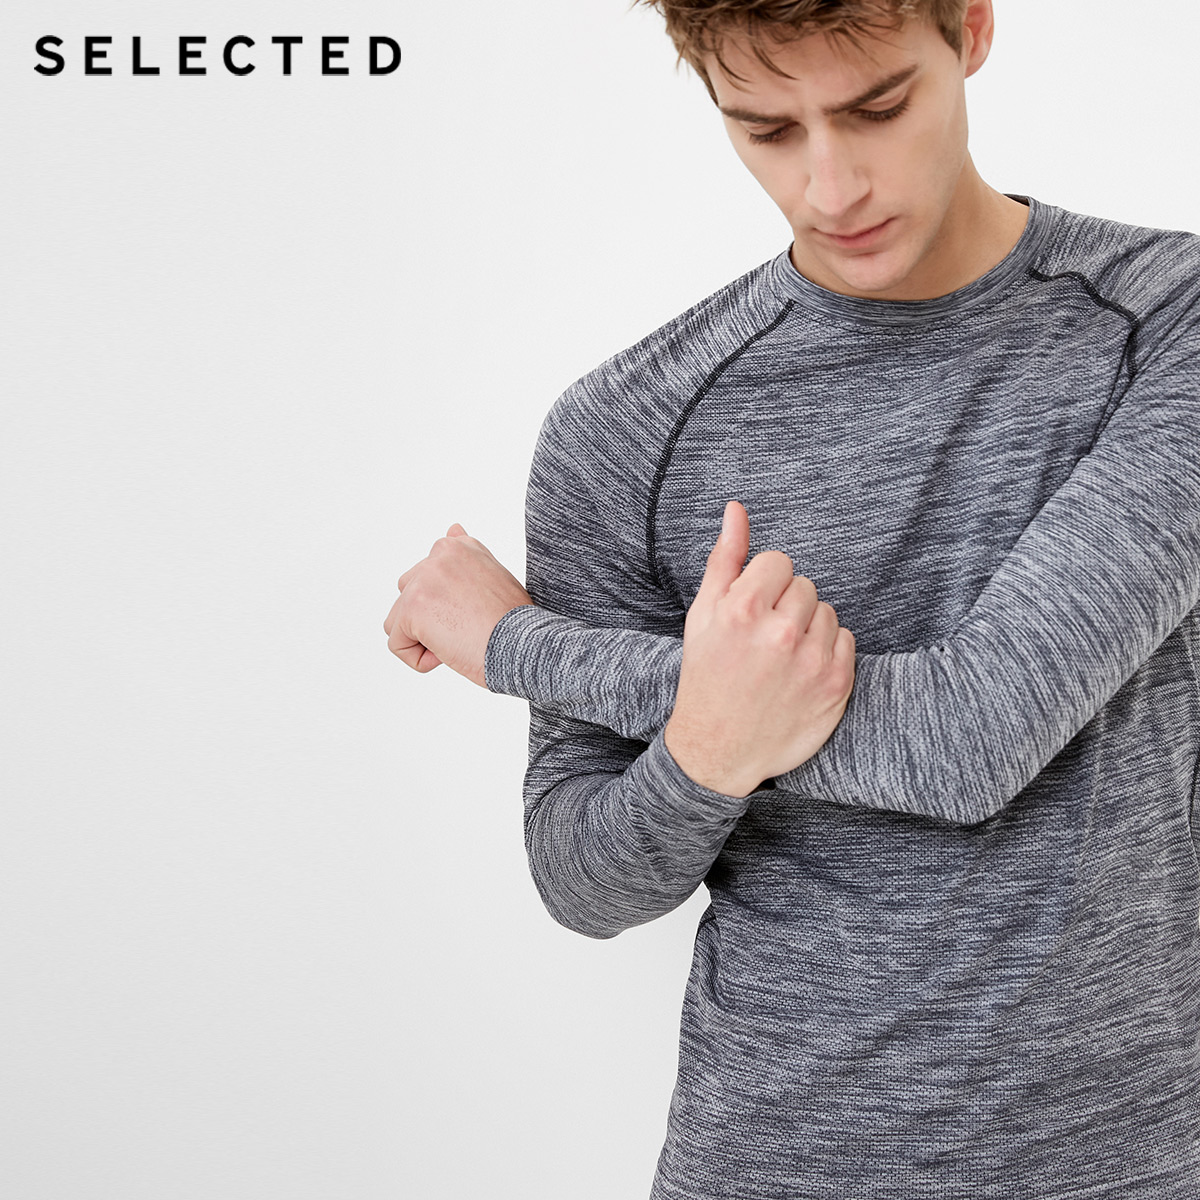 Собирать SELECTED мысль сорняки мораль новые товары мужчина быстросохнущие спортивный досуг длинный рукав вязание T футболки рубашка S|4181T2504